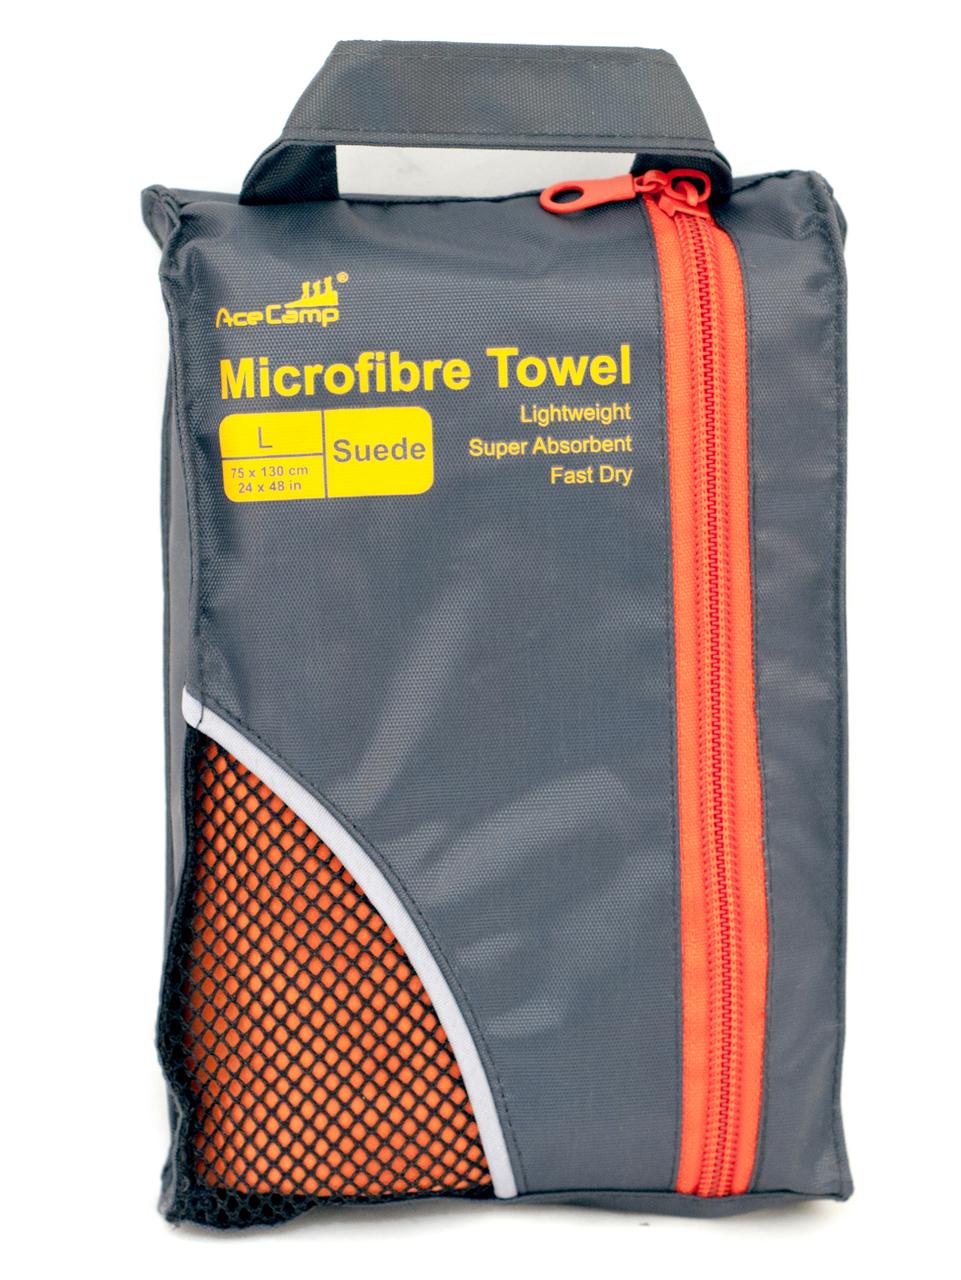 Полотенце из микрофибры Microfibre Towel Suede L, 5183, Туалетные принадлежности - арт. 816420398